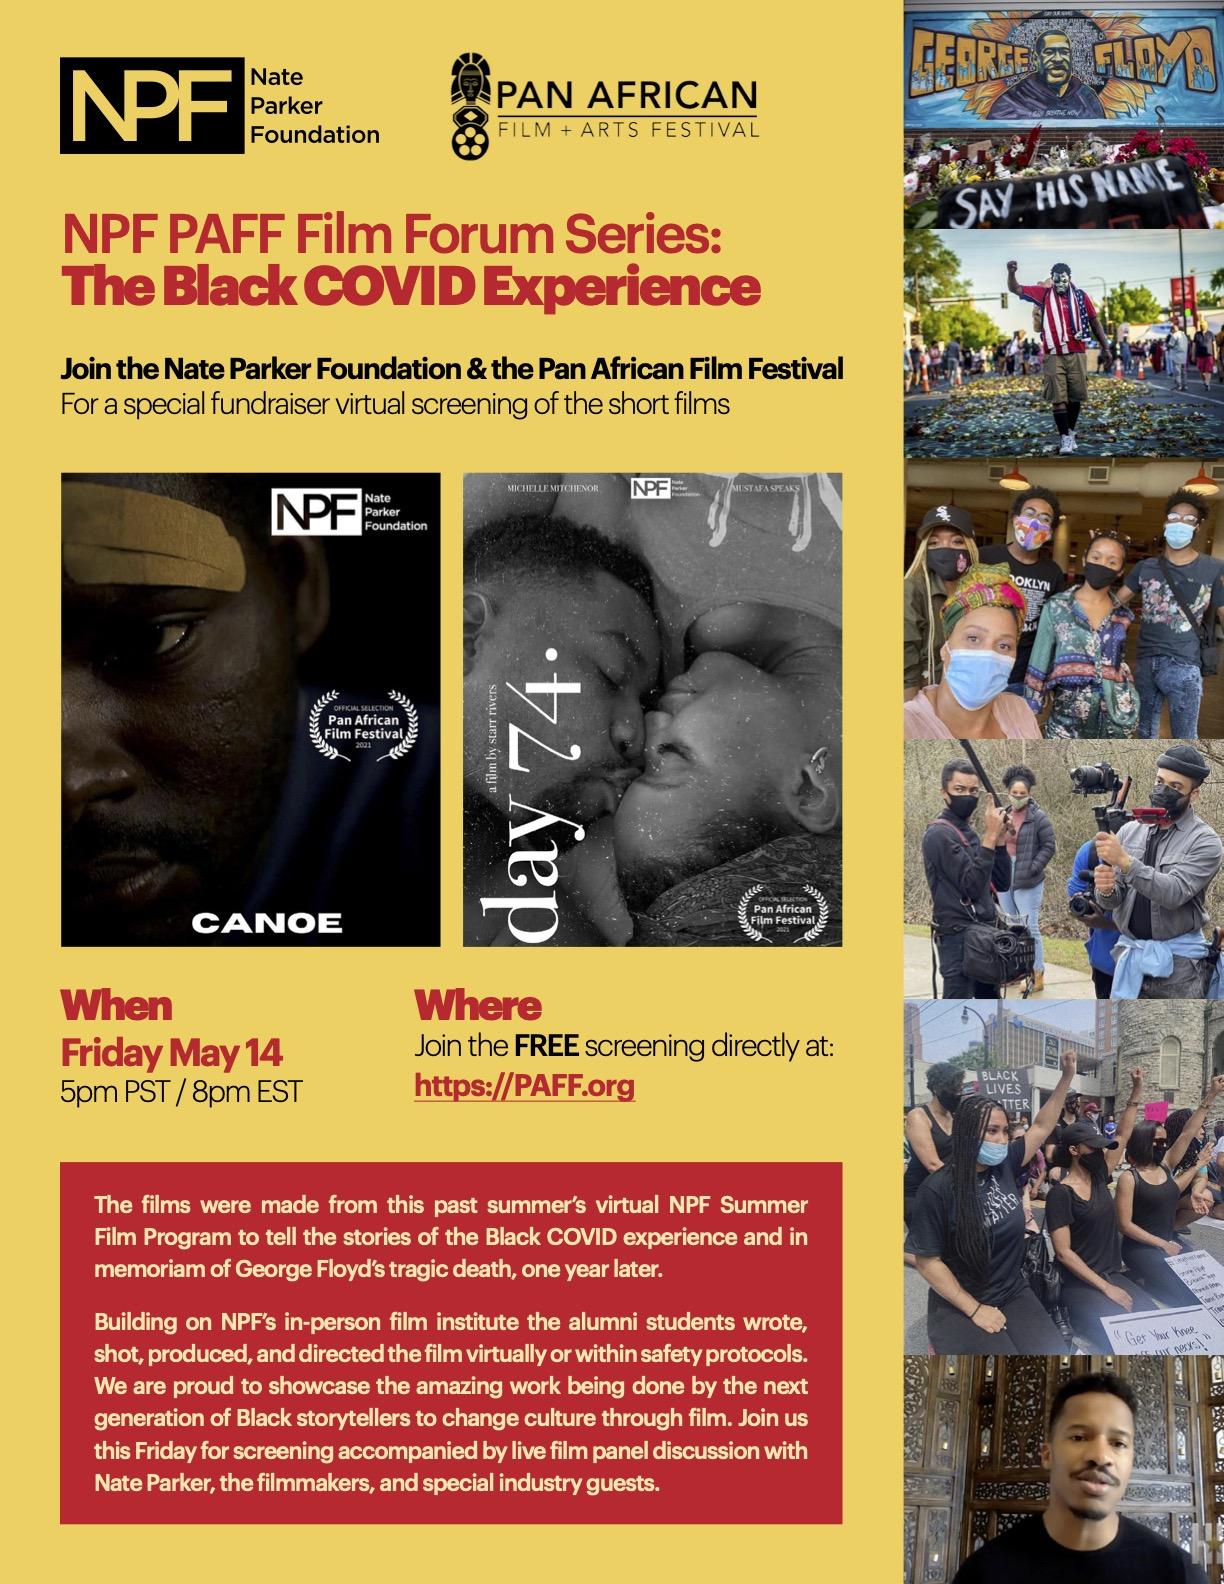 Nate Parker Foundation